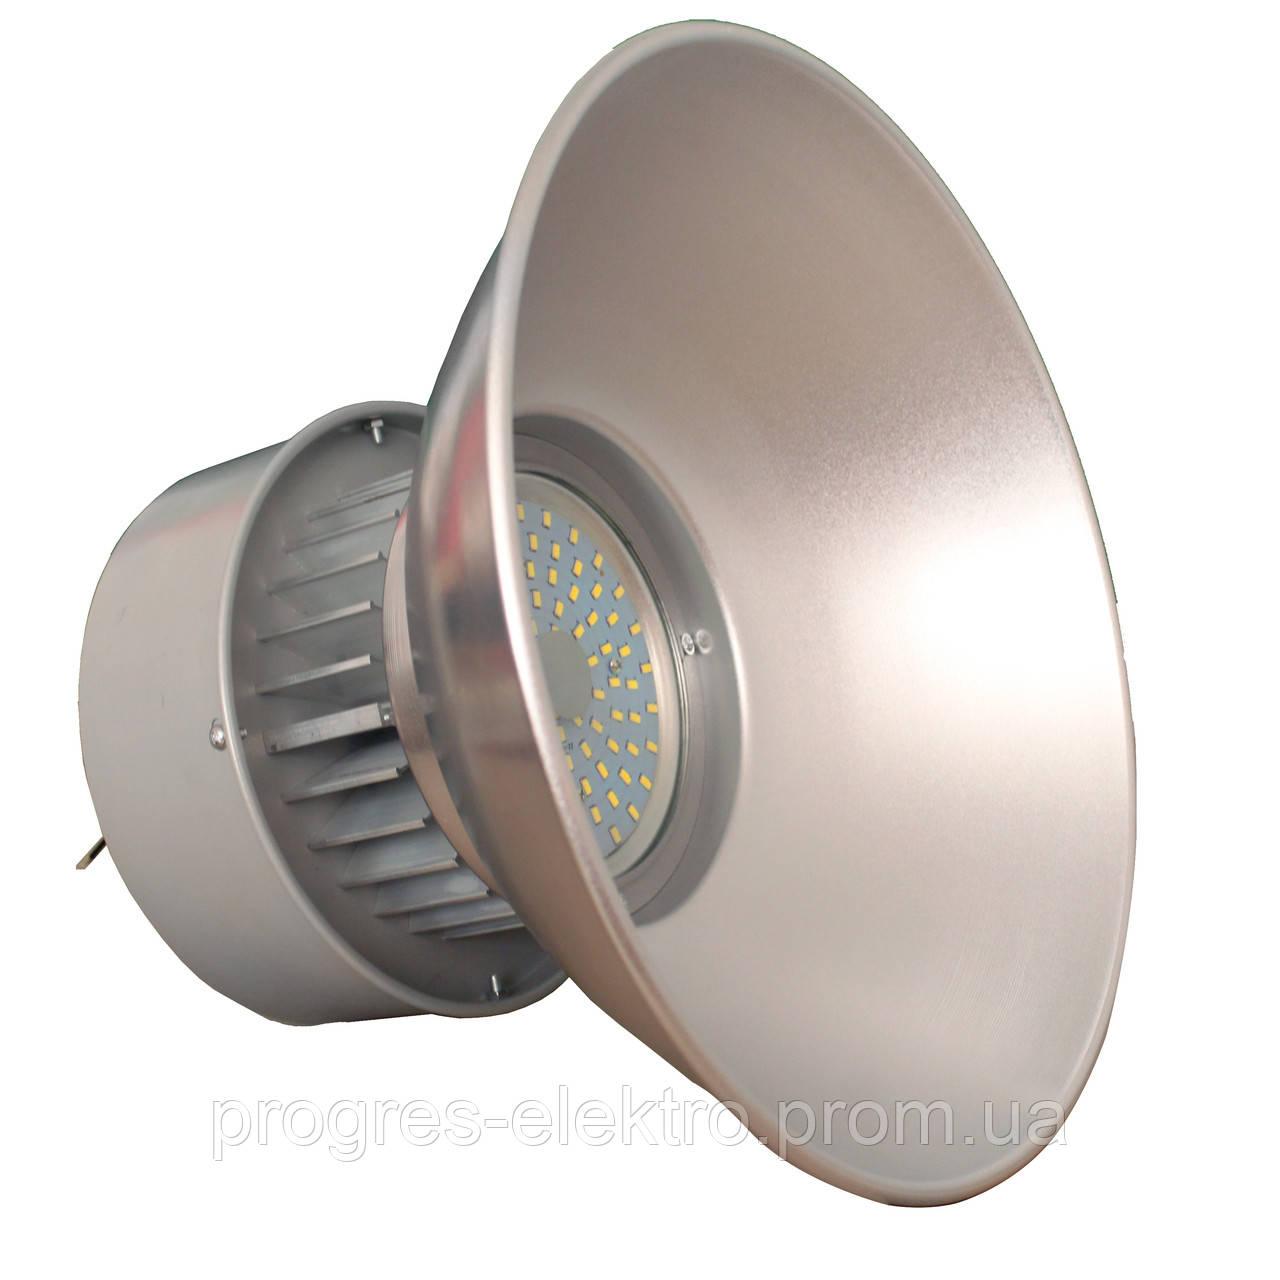 Светильник подвесной ElectroHouse EH-HB-3044 100Вт 6400K